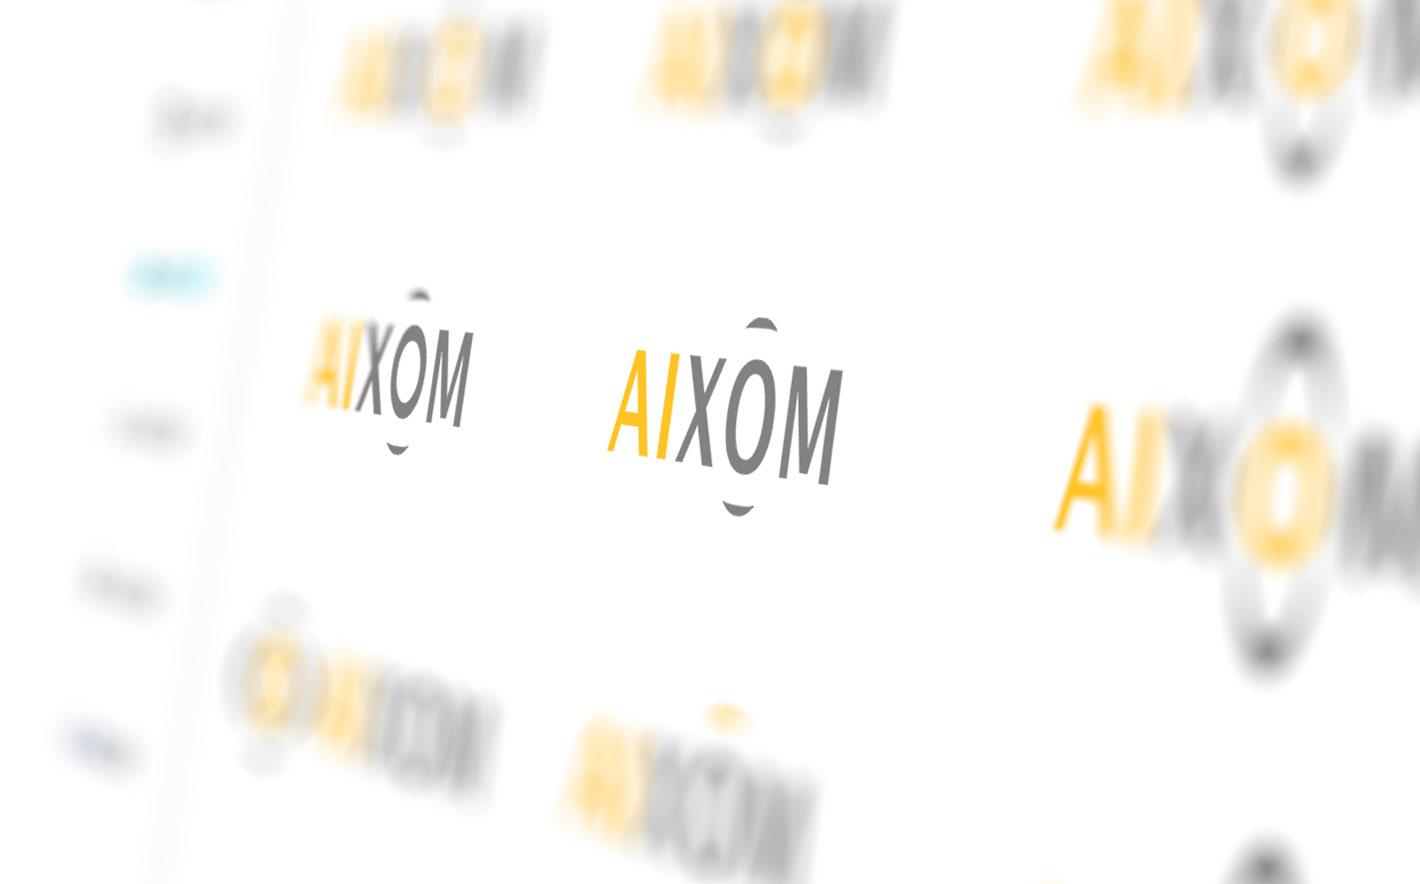 AIXOM